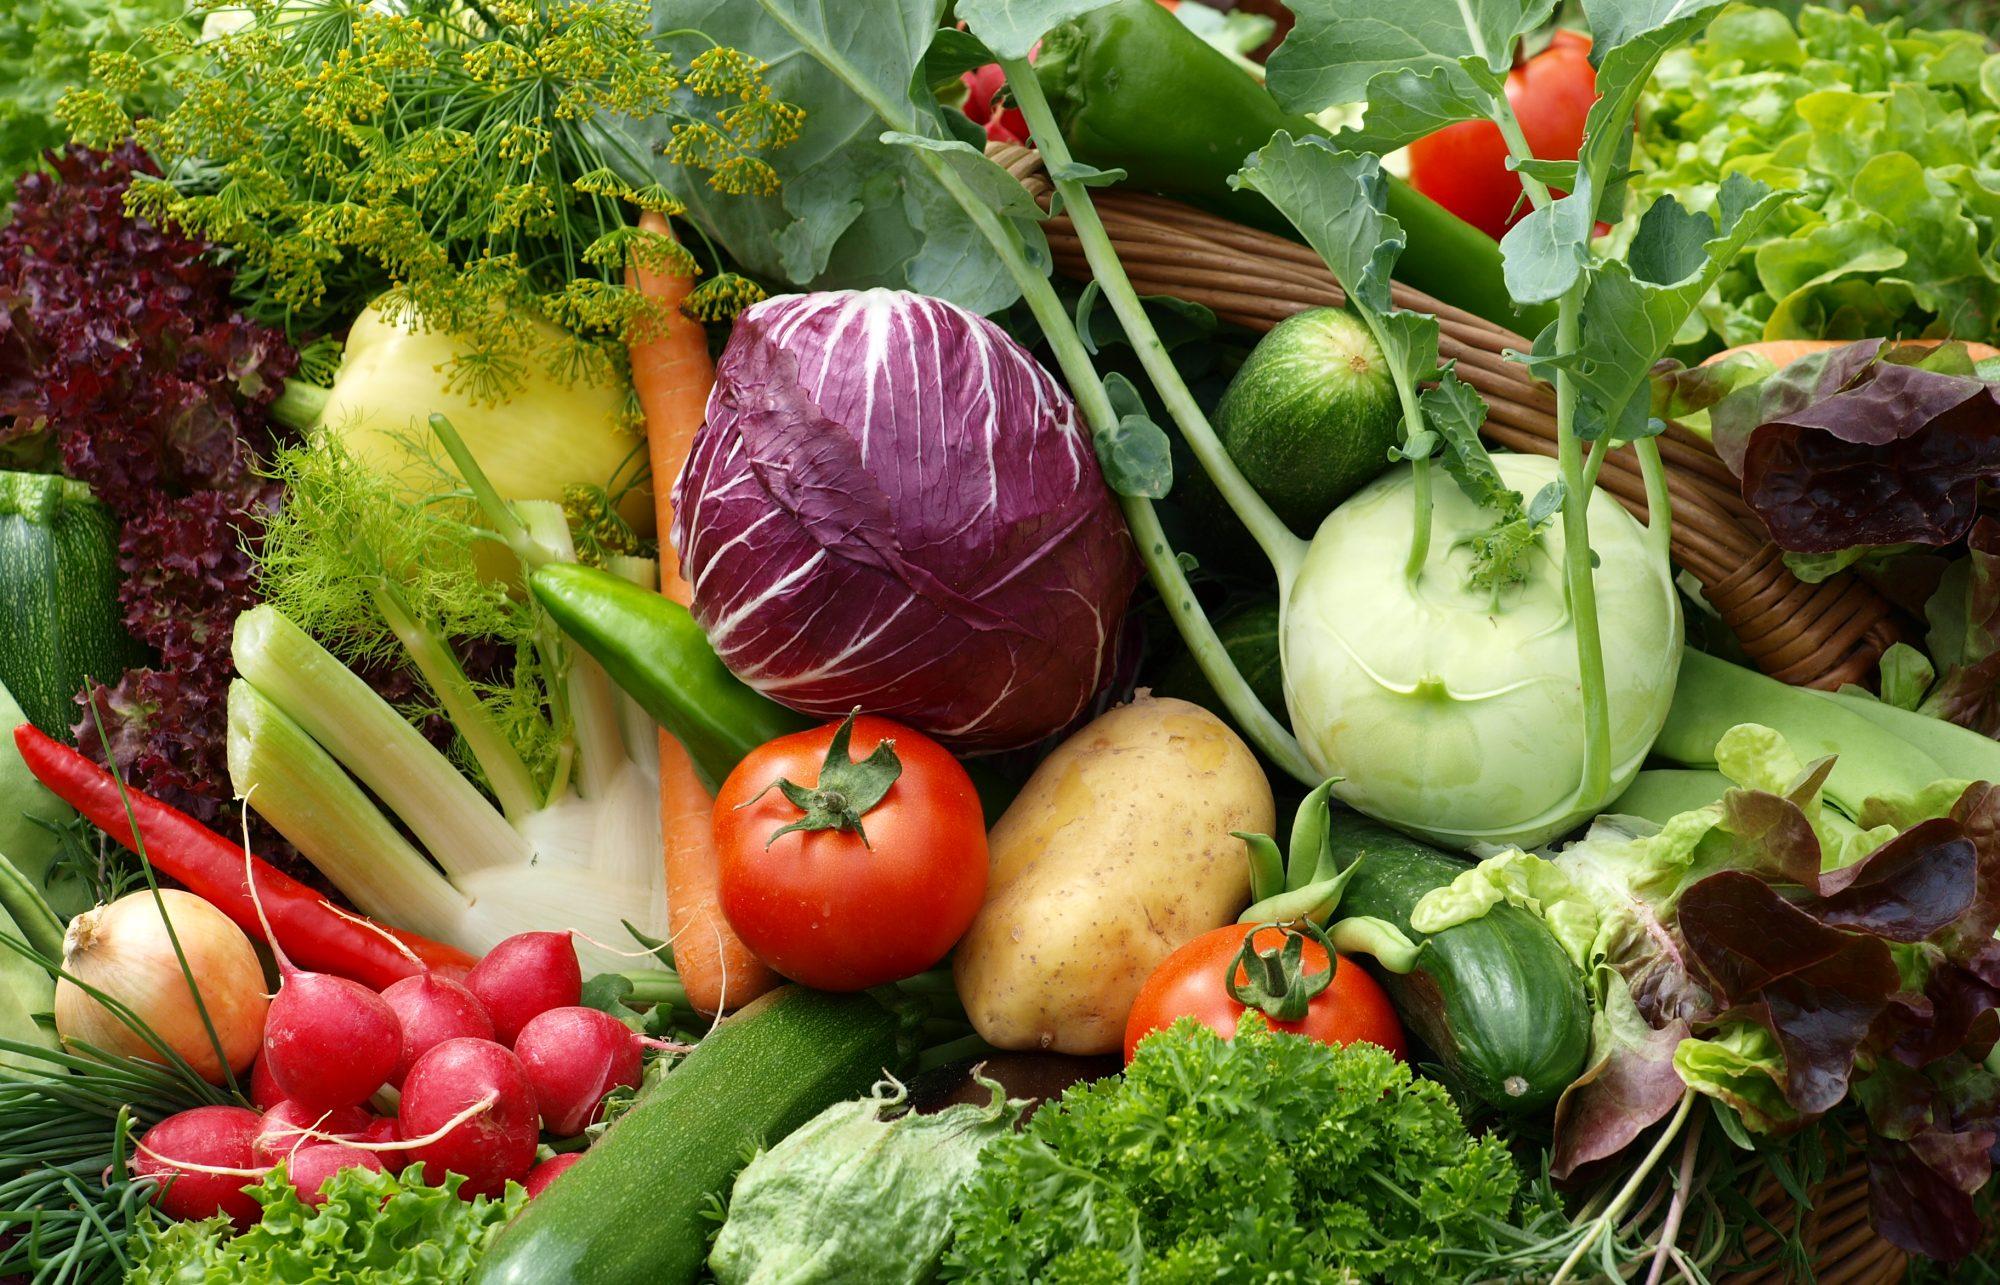 Heklers Gemüselädle